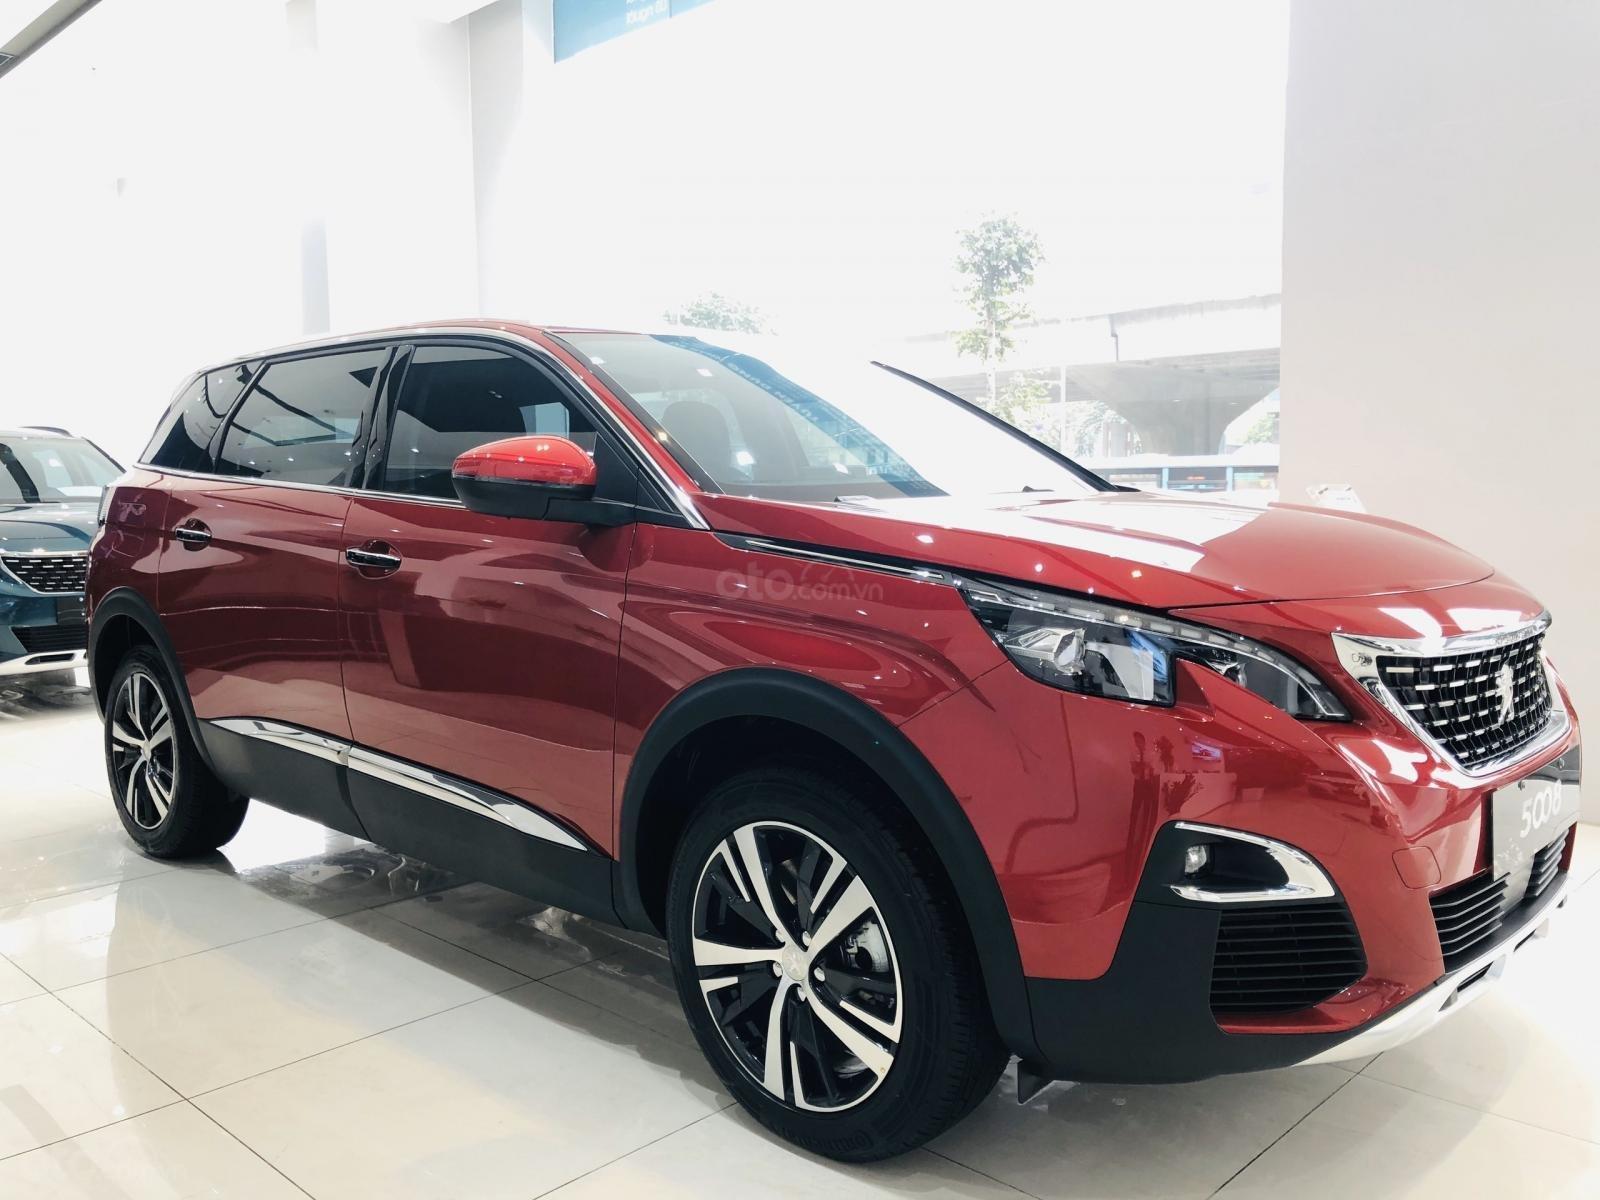 Bán xe Peugeot 3008 năm 2020, giá tốt nhất (2)